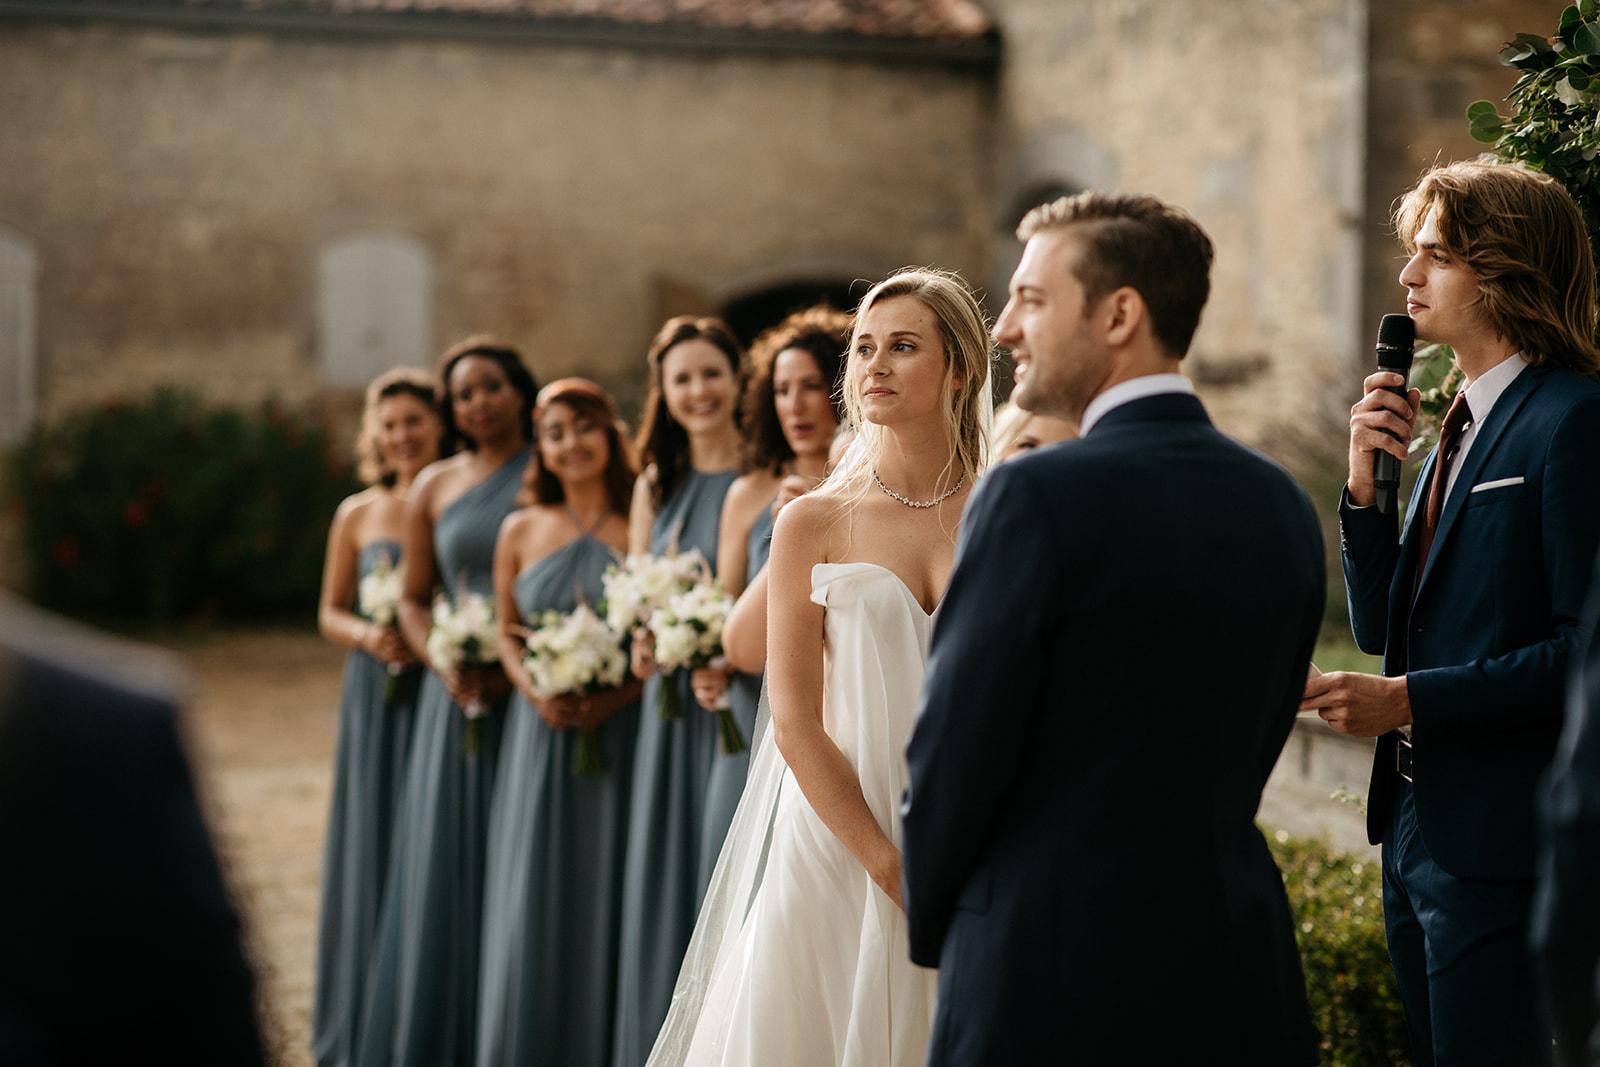 259-Madison-Joren-Wedding-Jarnac-2018-YAU_1076.jpg